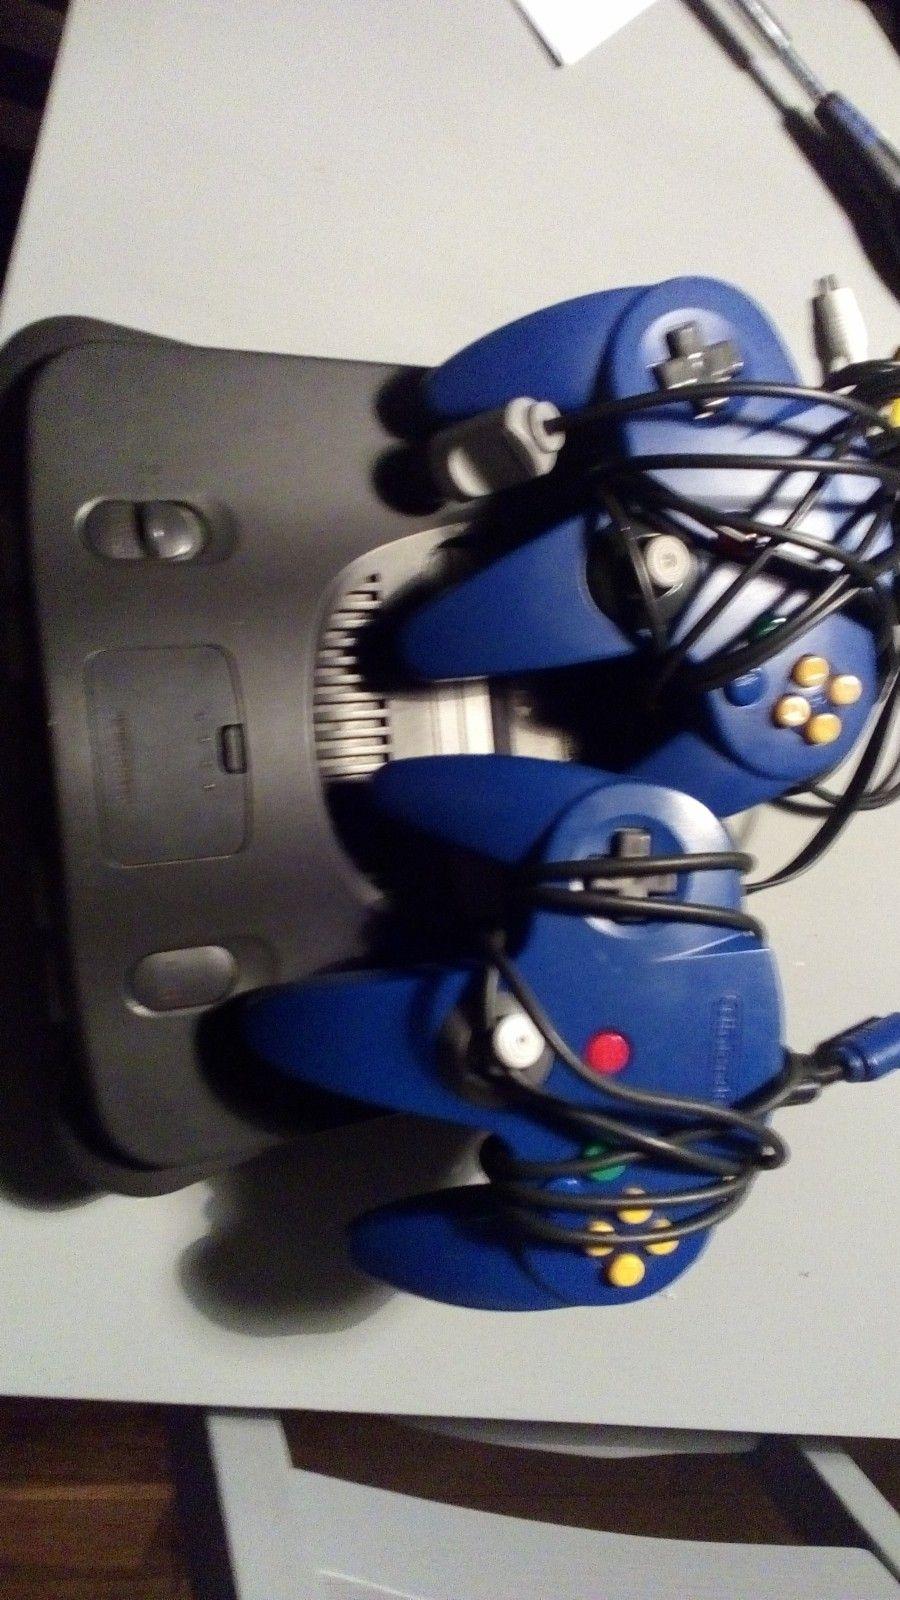 Nintendo 64 konsoll - Råde  - Nintendo 64 med alt av kabler og memory expansion pack selges, følger med to blå kontrollere men disse har ødelagte stikker, kam kjøpes billig på ebay å byttes lett. Maskinen er testet og fungerer. Sender kun mot forskudd og betaling av fr - Råde